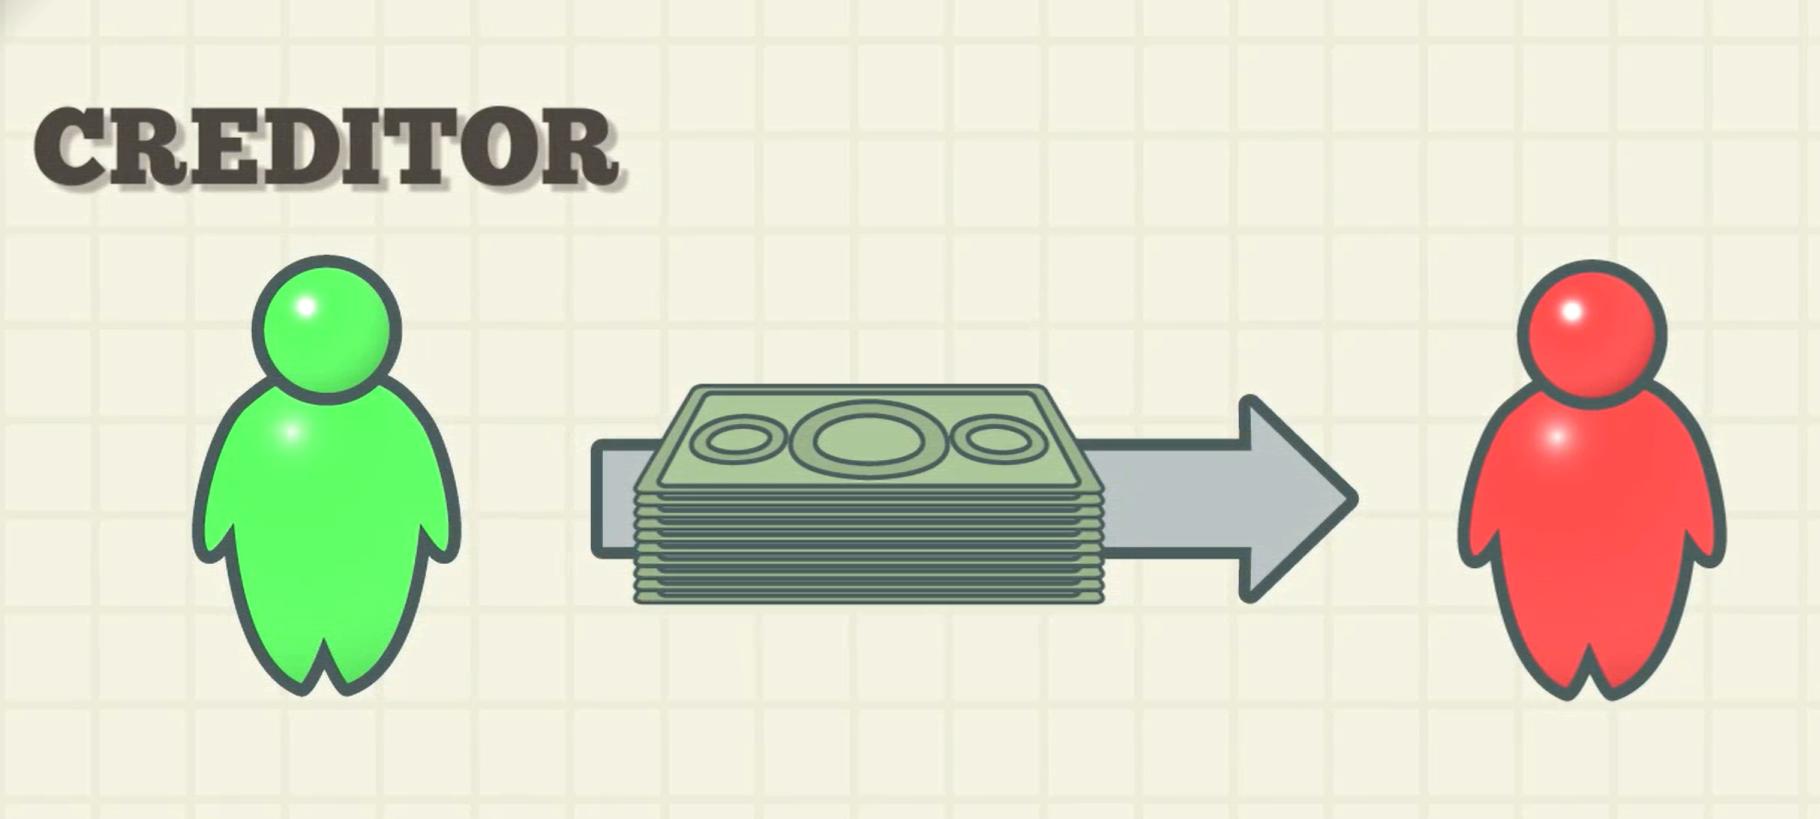 Creditor Video Investopedia